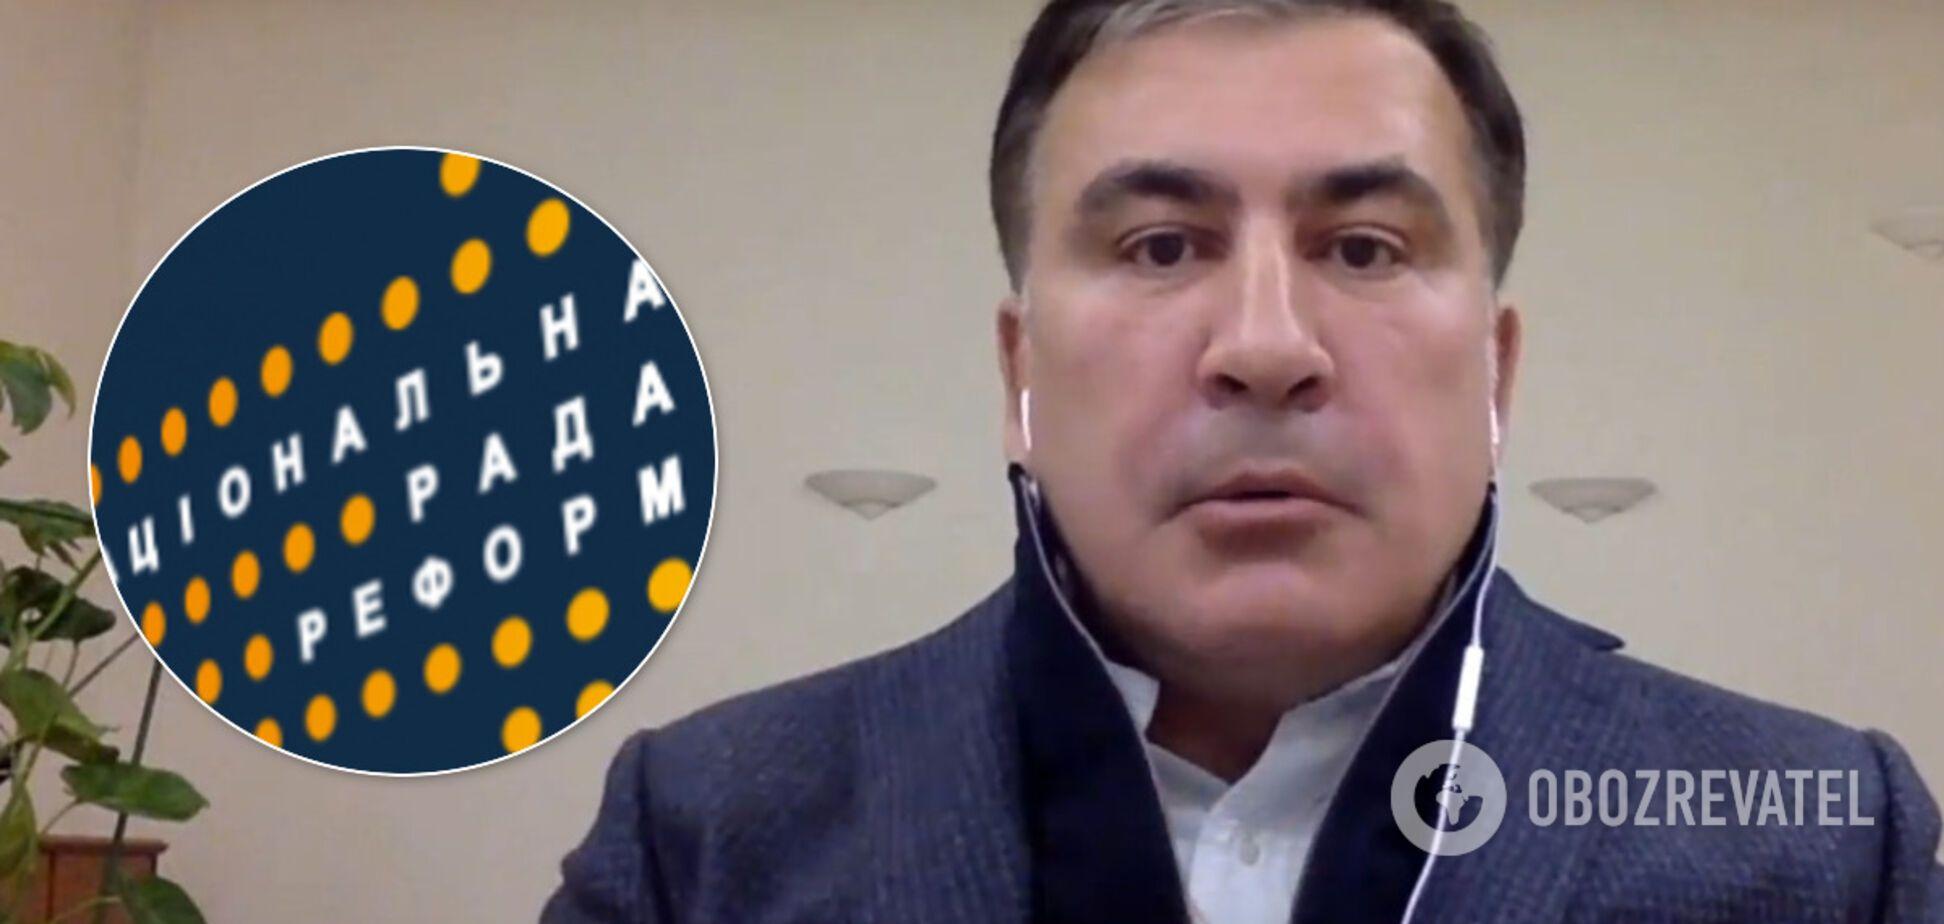 Саакашвілі оголосив конкурс до Нацради реформ у Facebook: що хоче від кандидатів